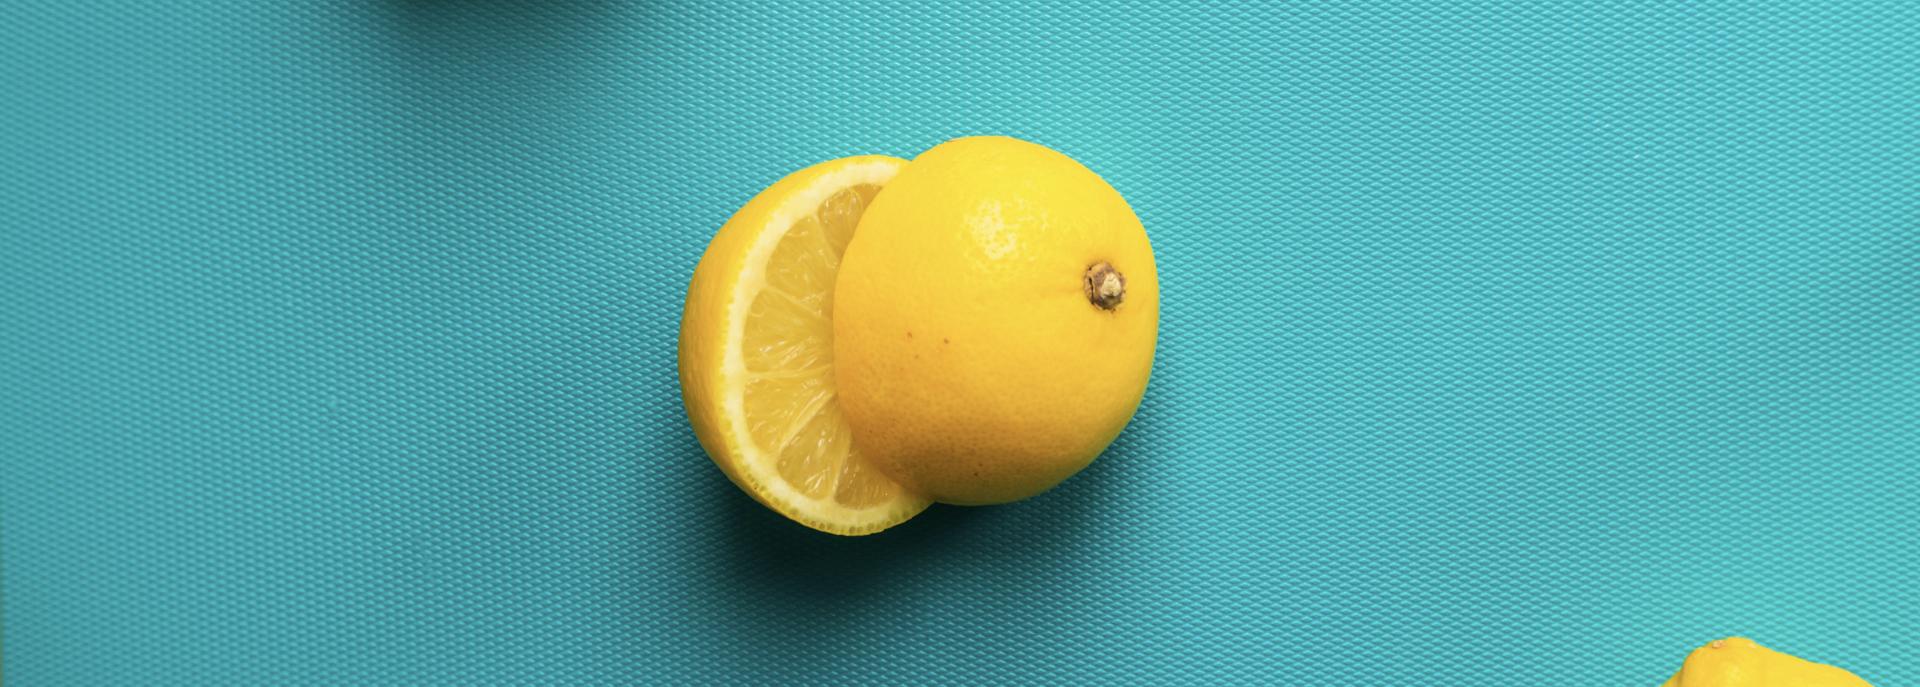 IRCCS Fatebenefratelli di Brescia: nuovo studio sugli effetti del limone sul declino cognitivo soggettivo